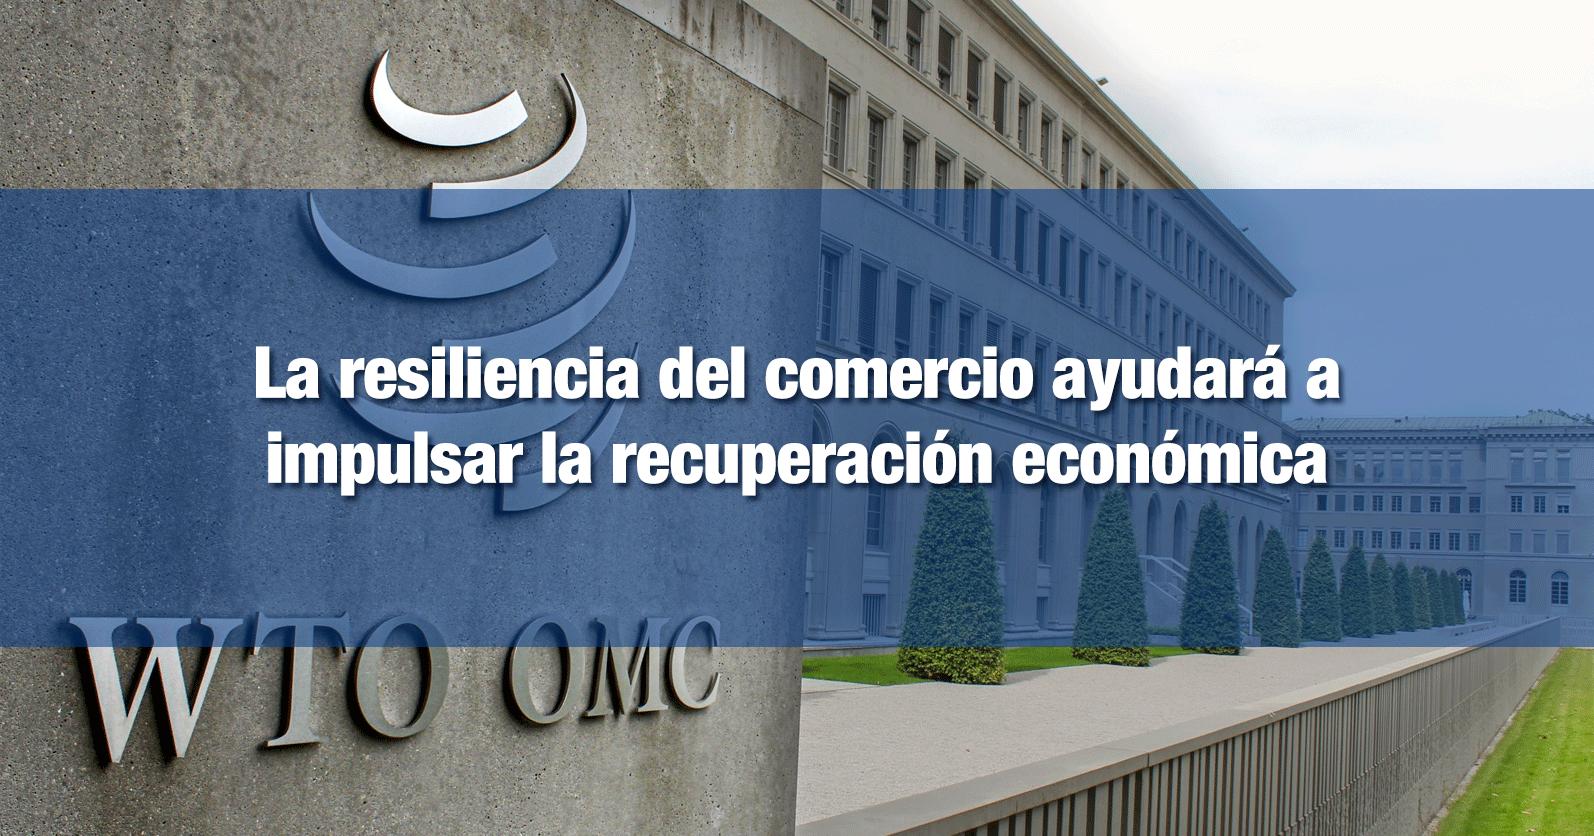 La resiliencia del comercio ayudará a impulsar la recuperación económica